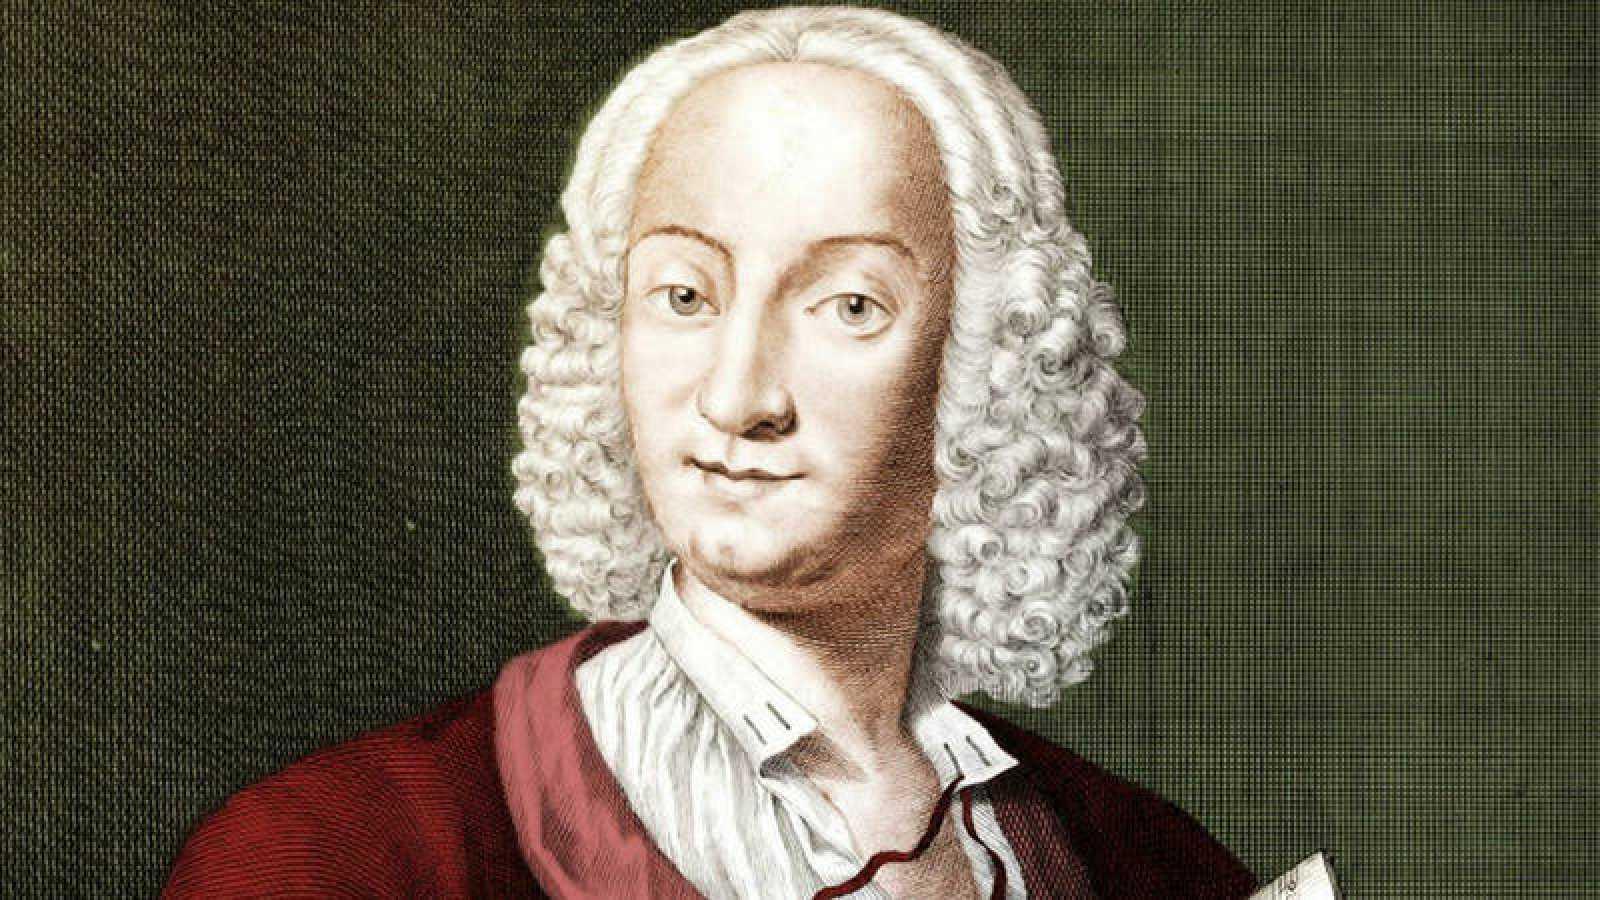 Retraro de Antonio Vivaldi